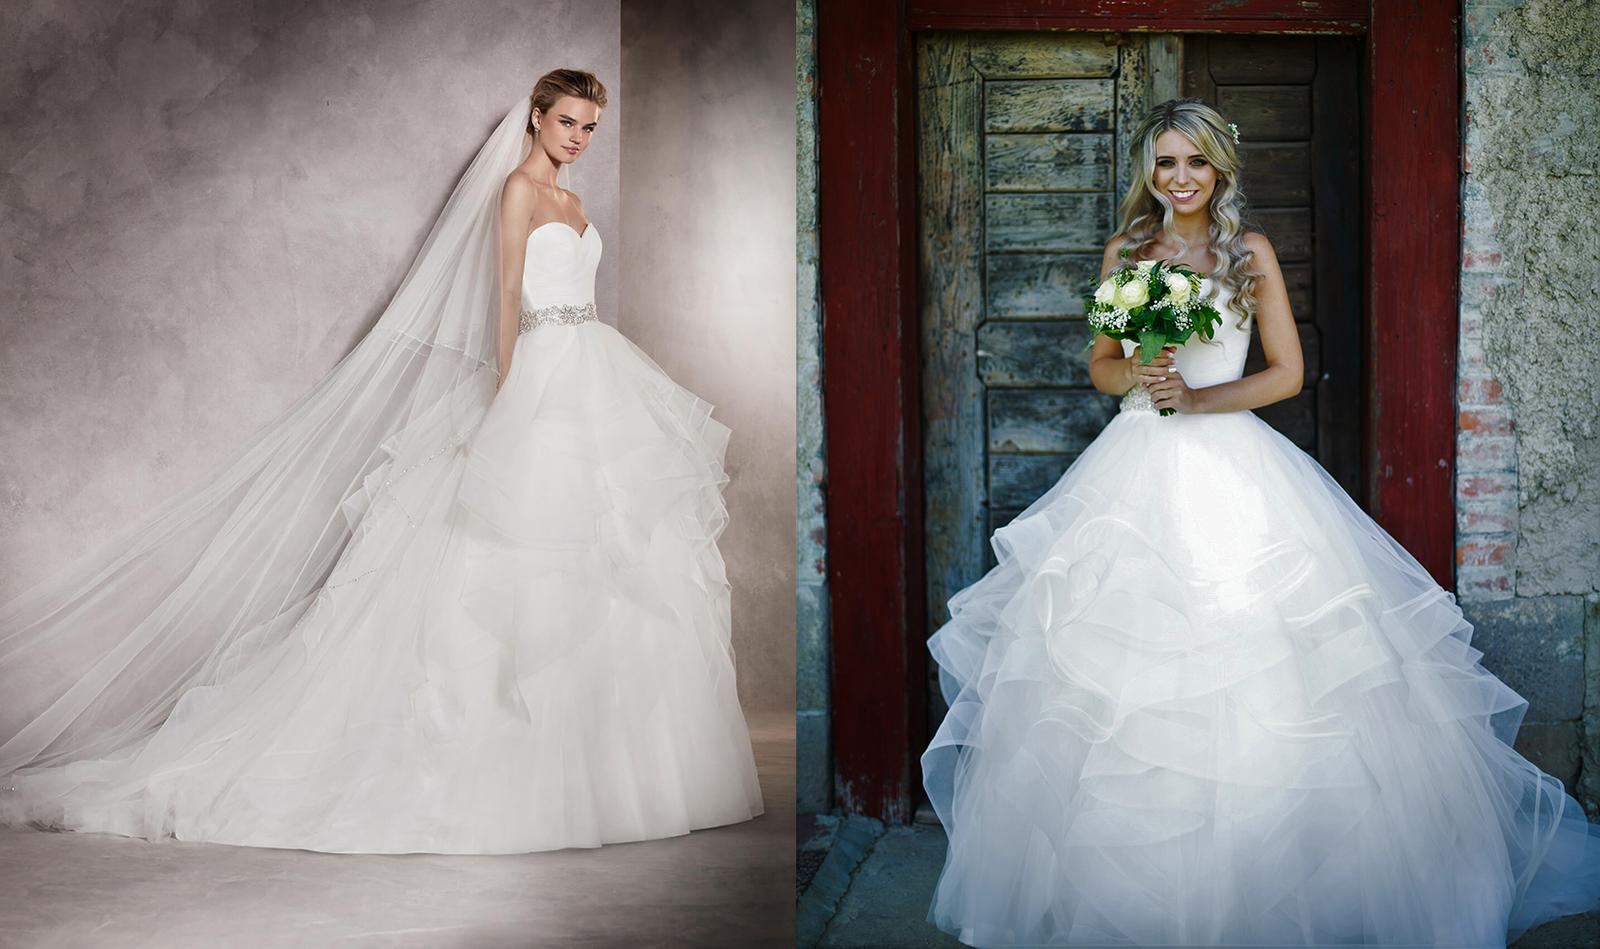 Svadobné šaty na modelke a na reálnej neveste - Nevesta @karina07 a jej svadobné šaty Pronovias Albania 2017 zo Salónu Nicole v Bratislave.